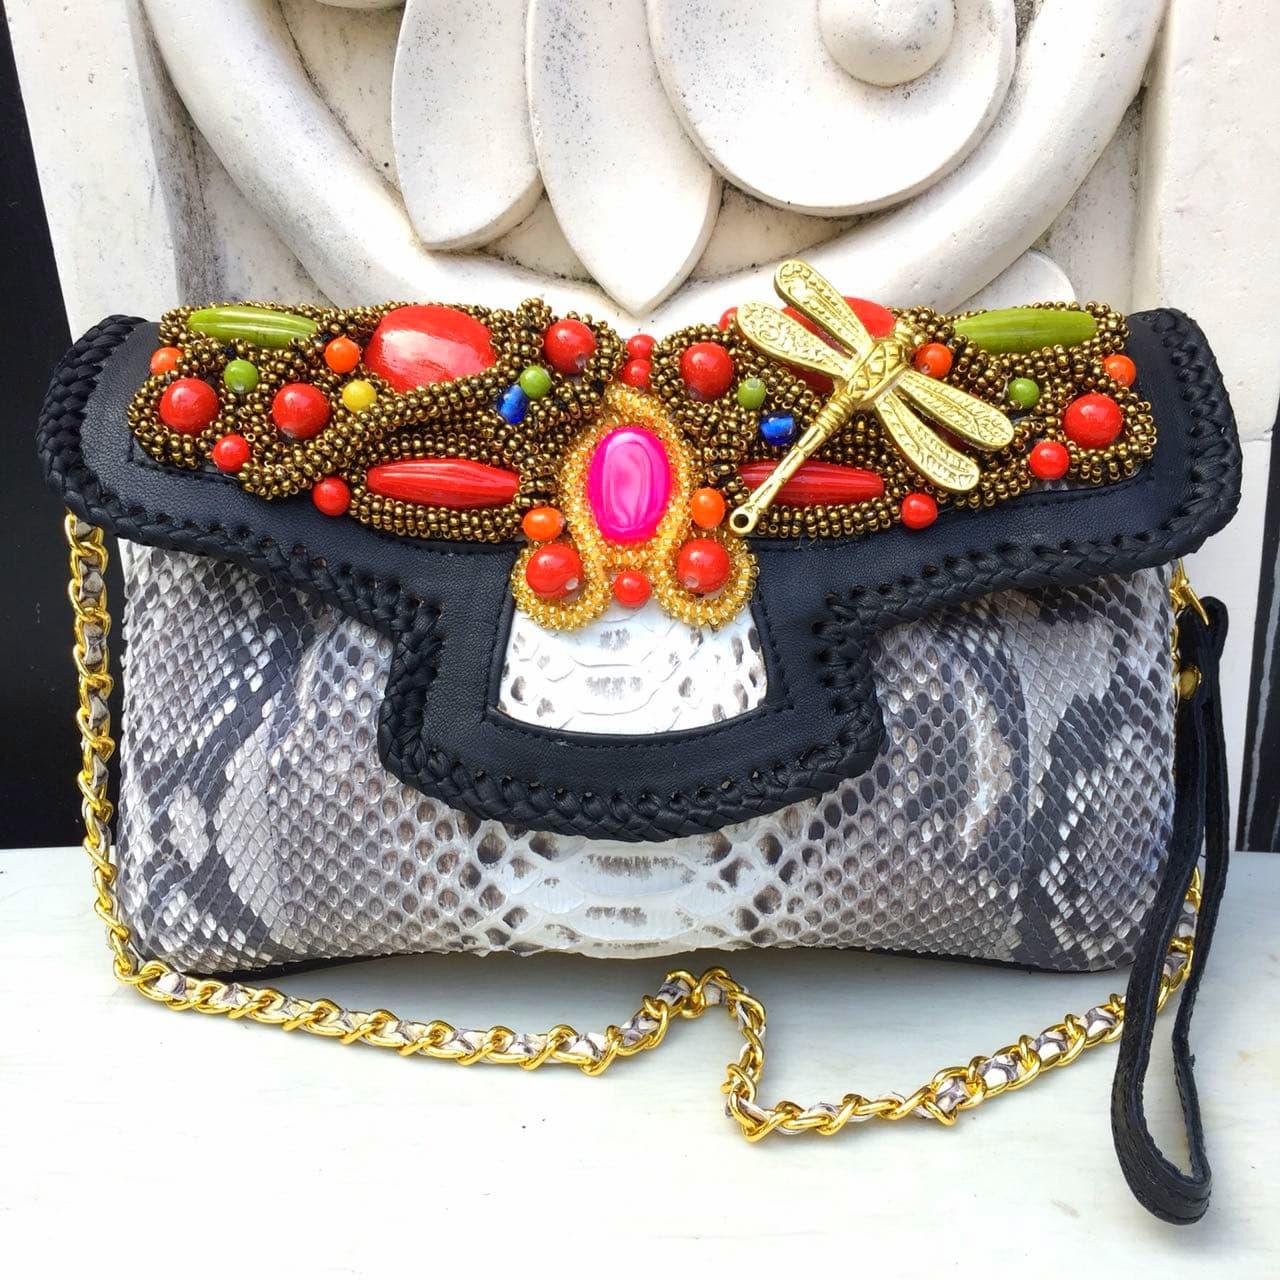 Jual Clutch Kulit Ular Phyton Raisa Model Kipas L - Tas Pesta Natural Color  - Tas Kulit Cantik Bali  dda9c01c44